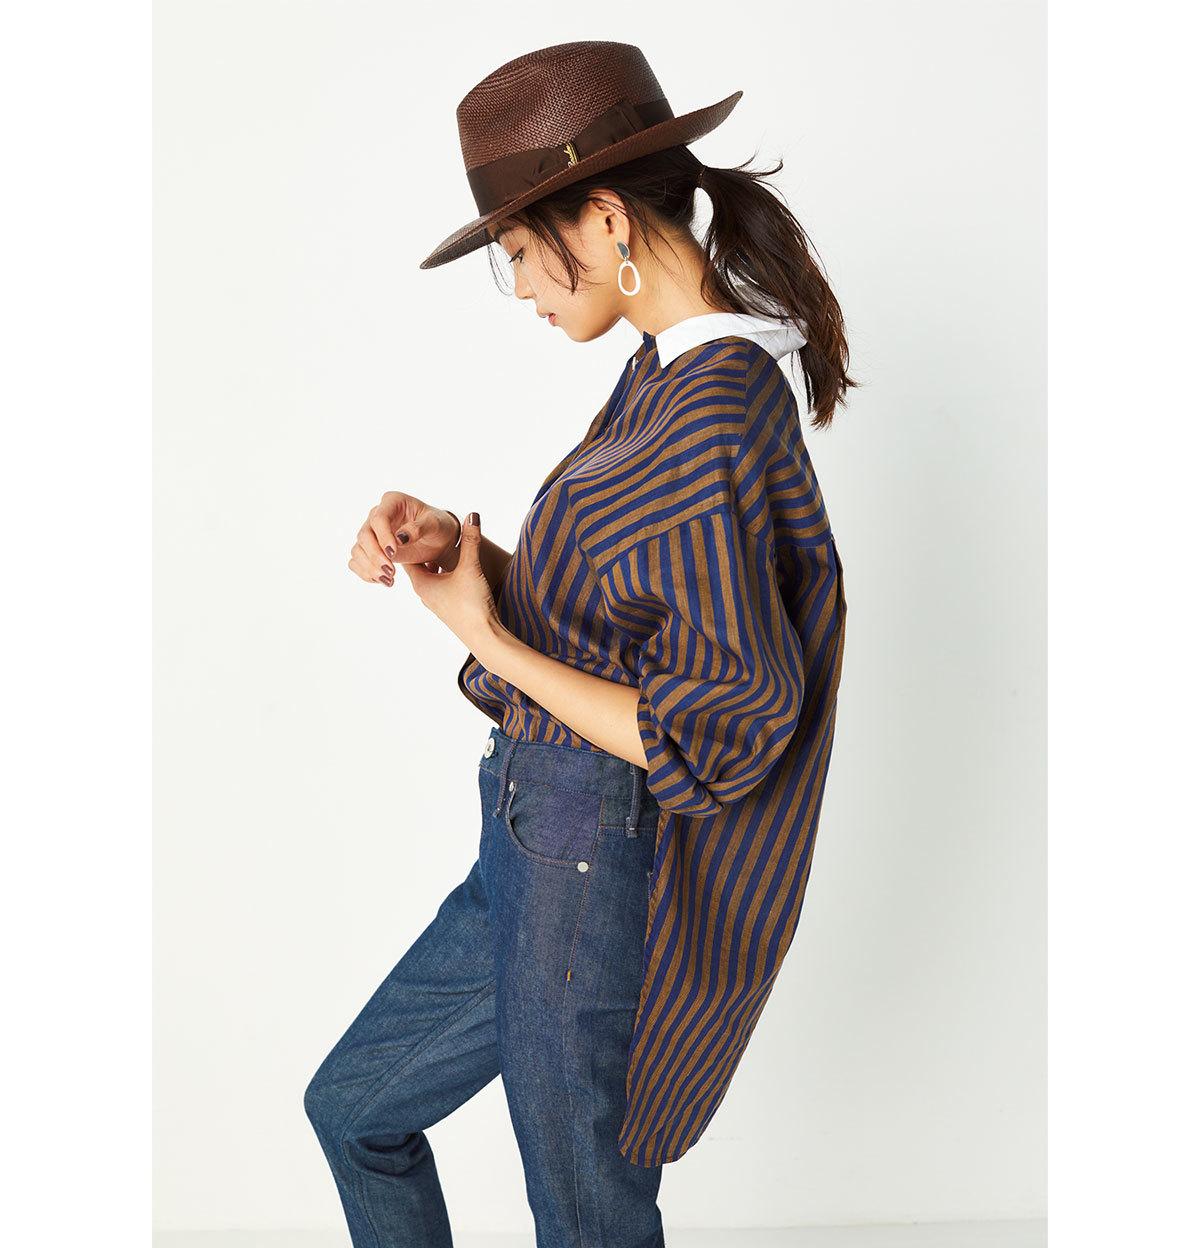 ブラウンストライプシャツとブラウンハットのモデルコーデ